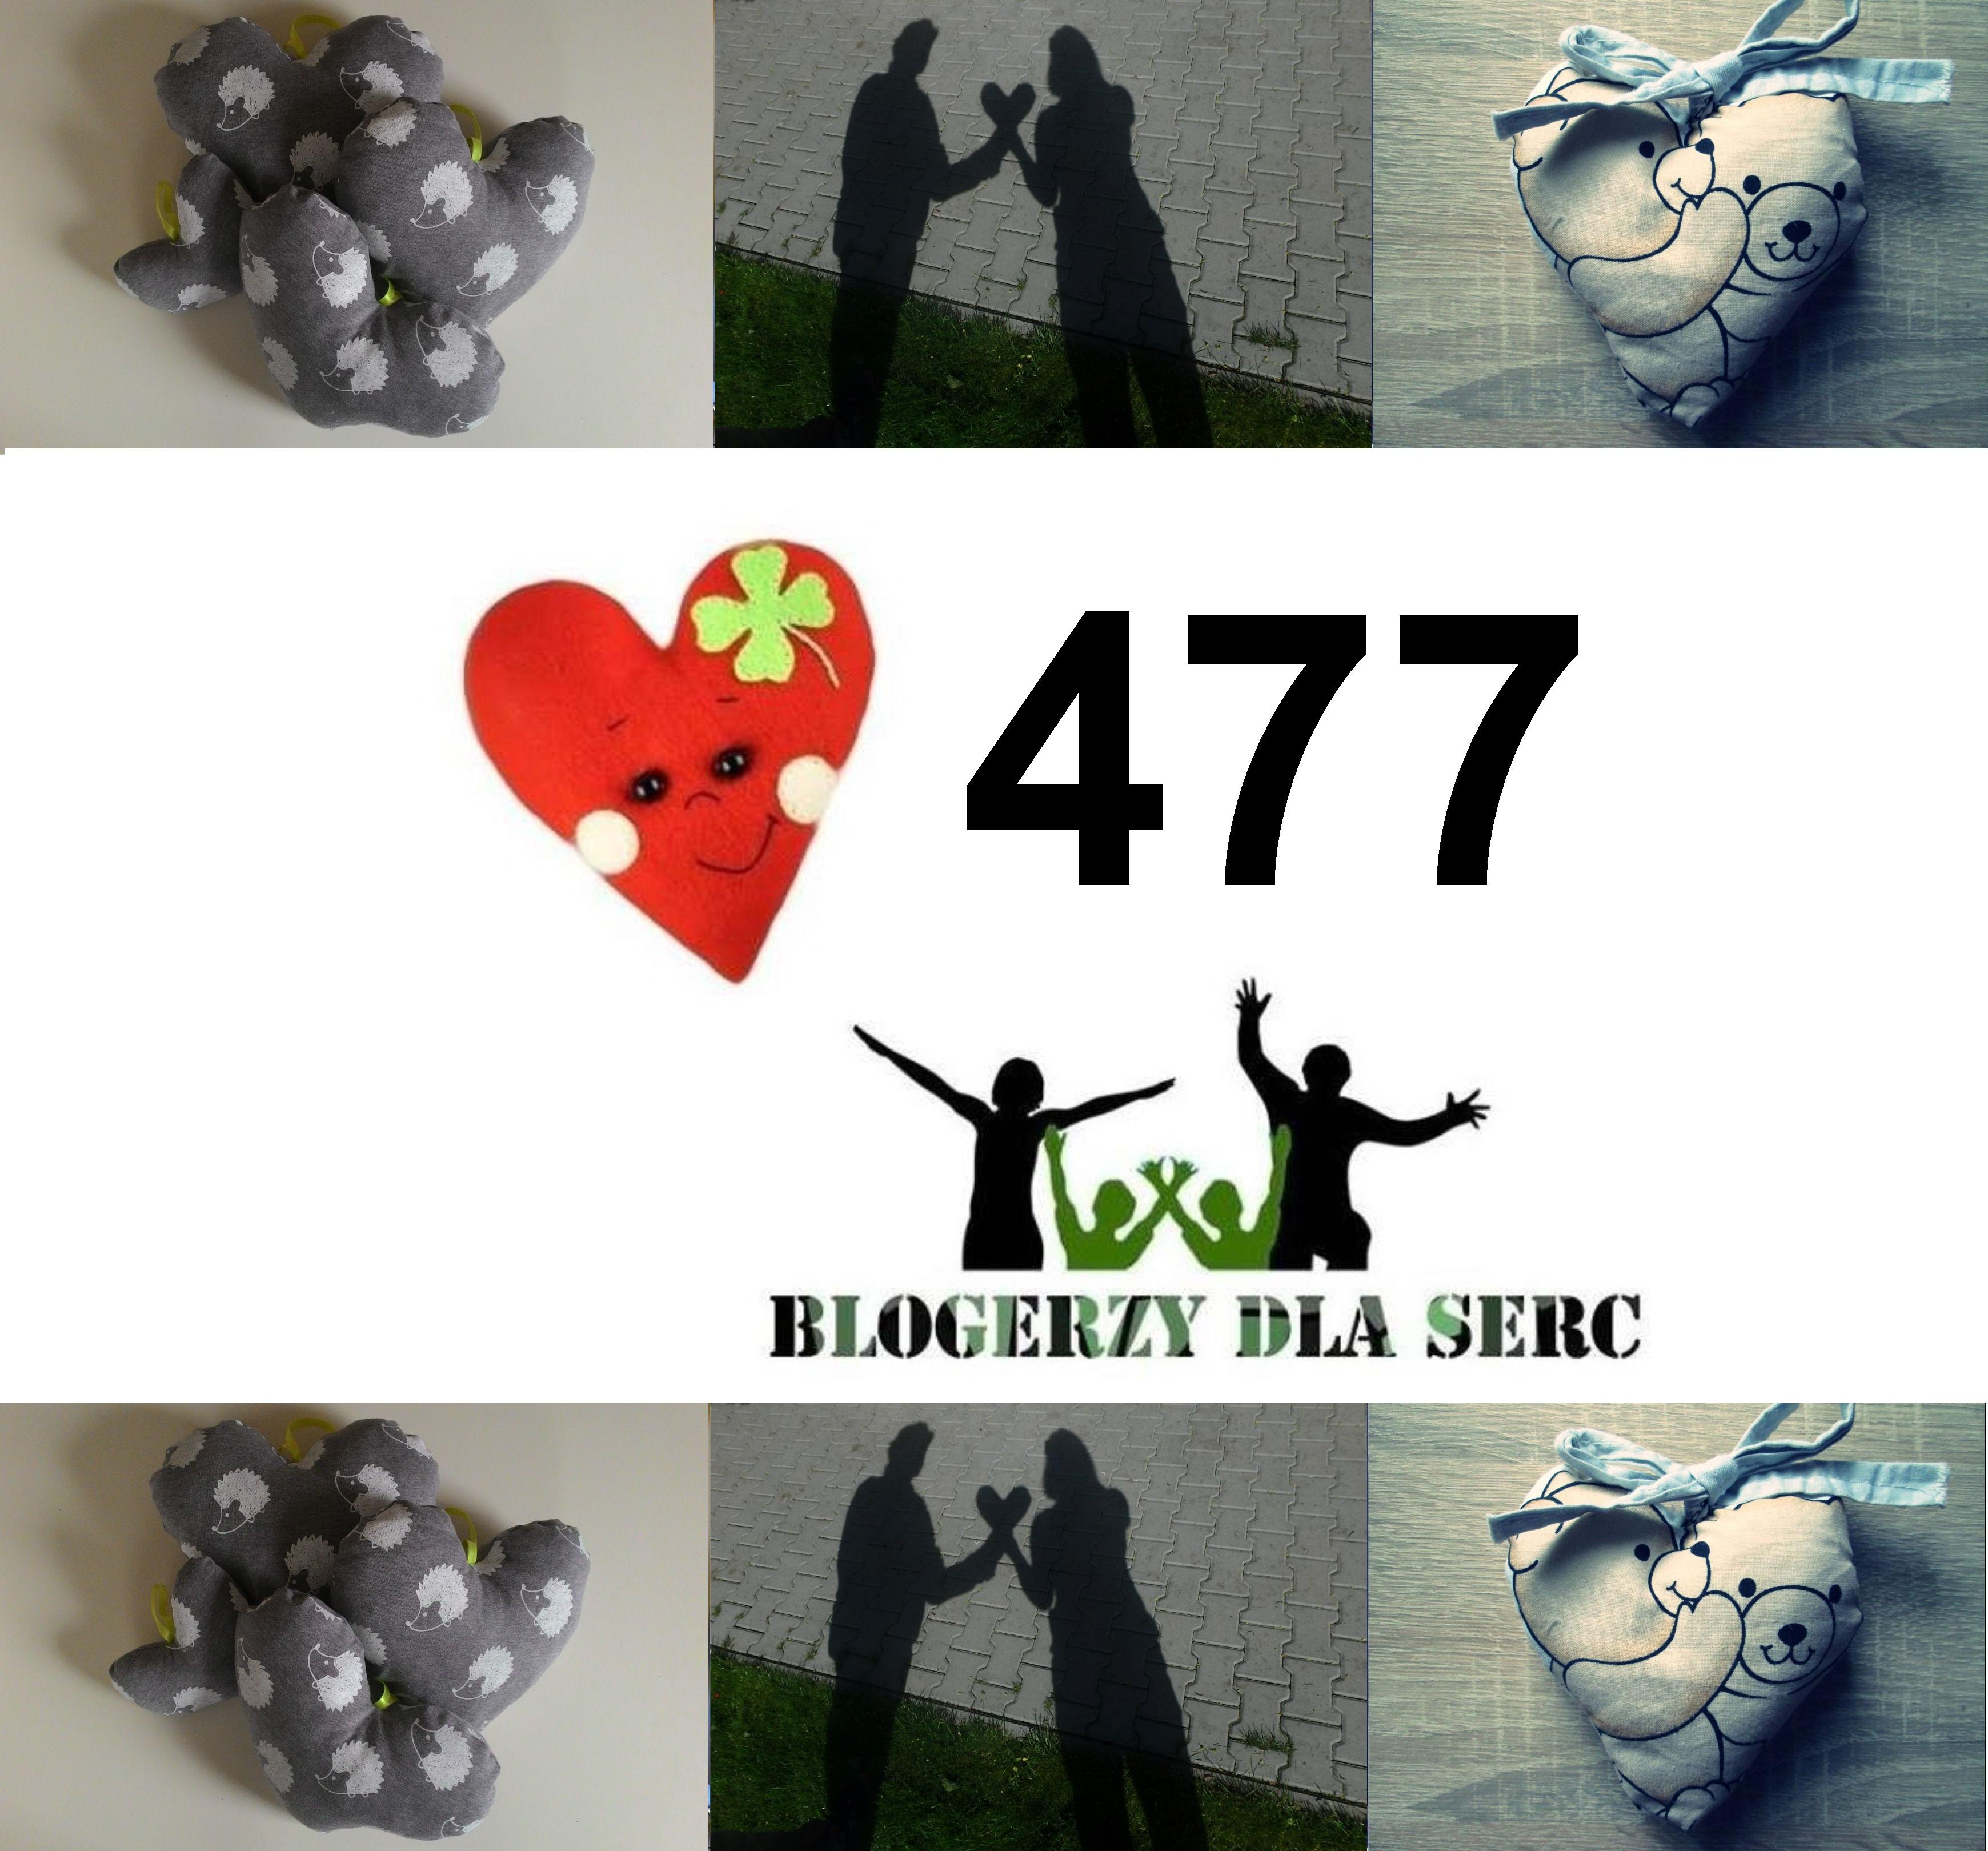 Blogerzy dla serc - nasza droga do